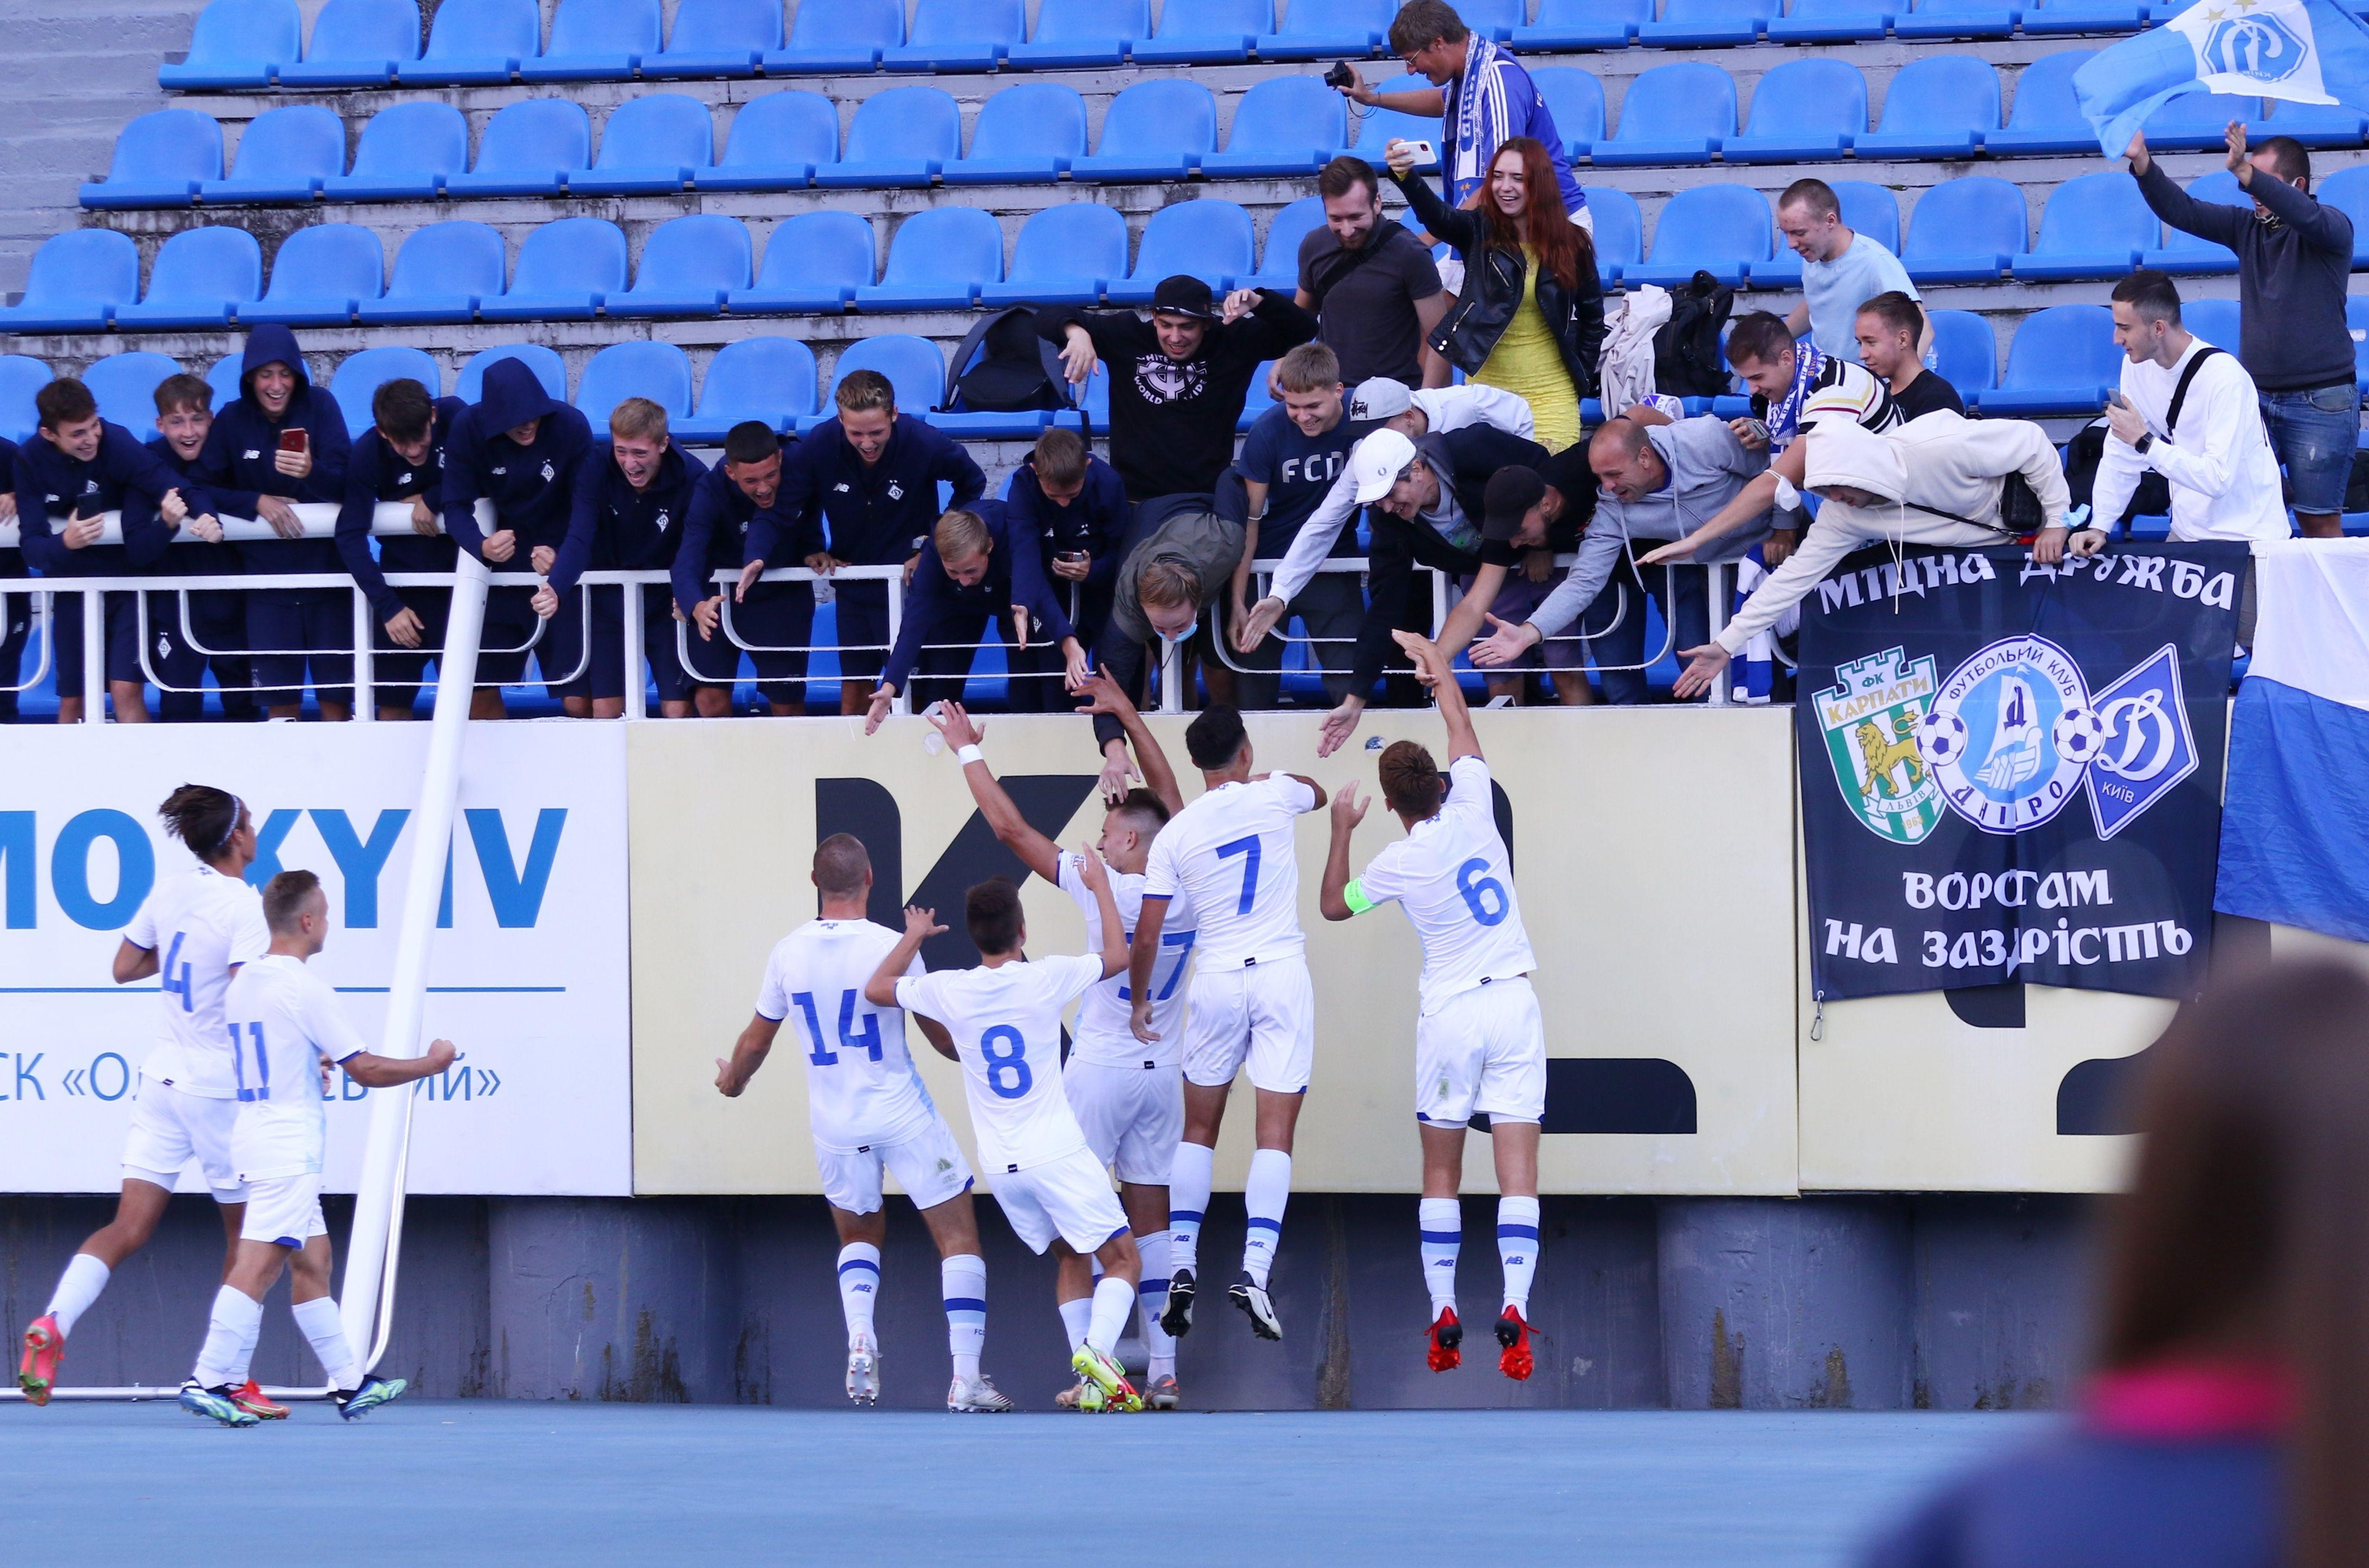 Відмінний старт! ФОТО репортаж з матчу Юнацької ліги УЄФА Динамо - Бенфіка 4:0 - фото 22